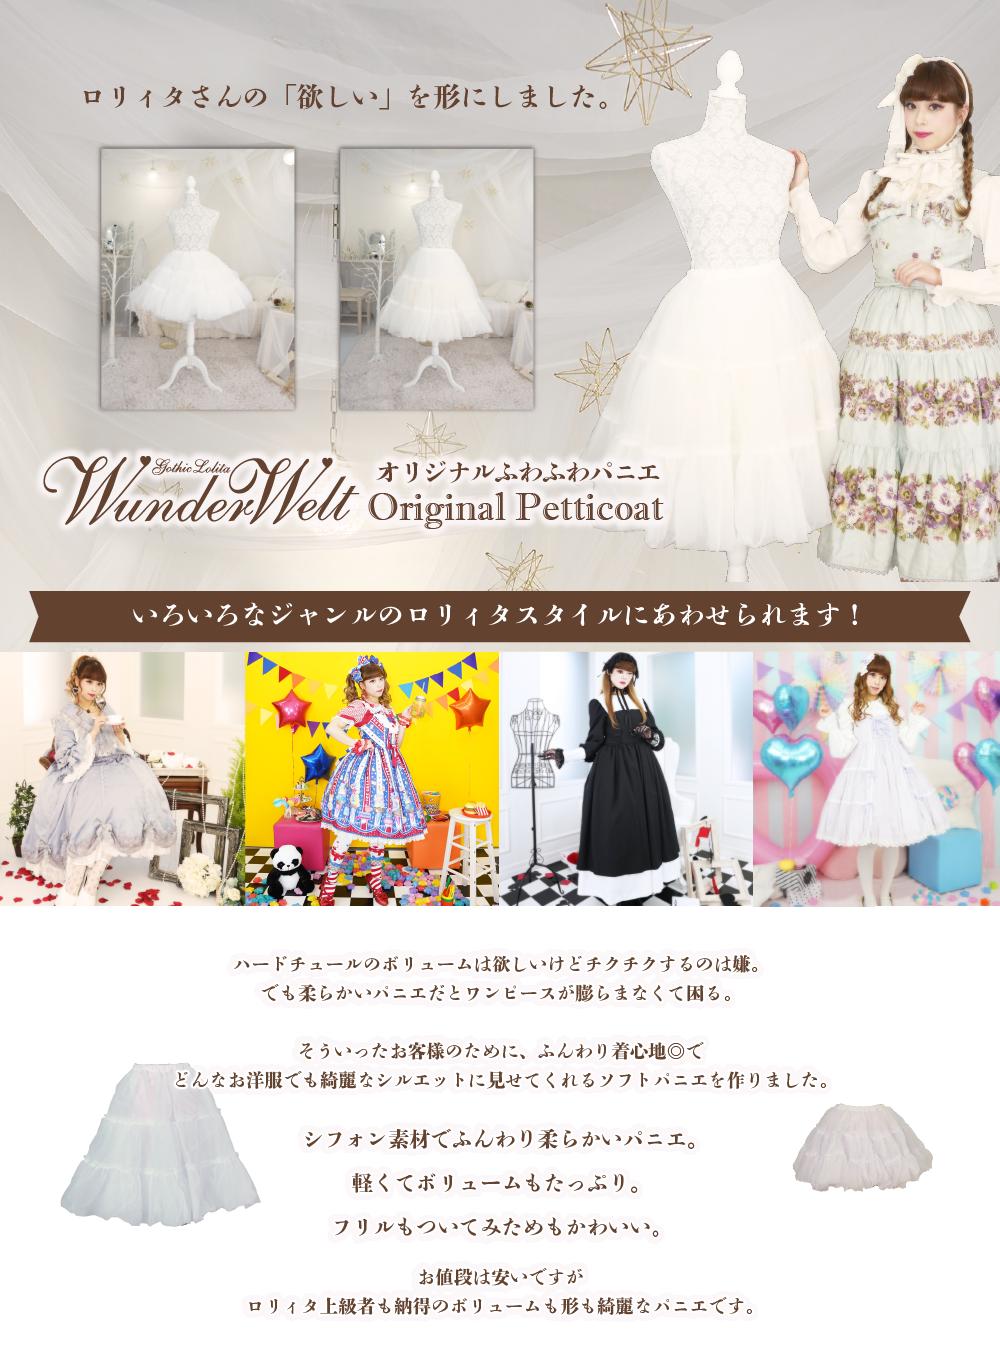 Original petticoat pc 01 864b5bc1f51fc4c503a26768a2e51a87f4fb6108b62a7640ec7a9acfd54885a6